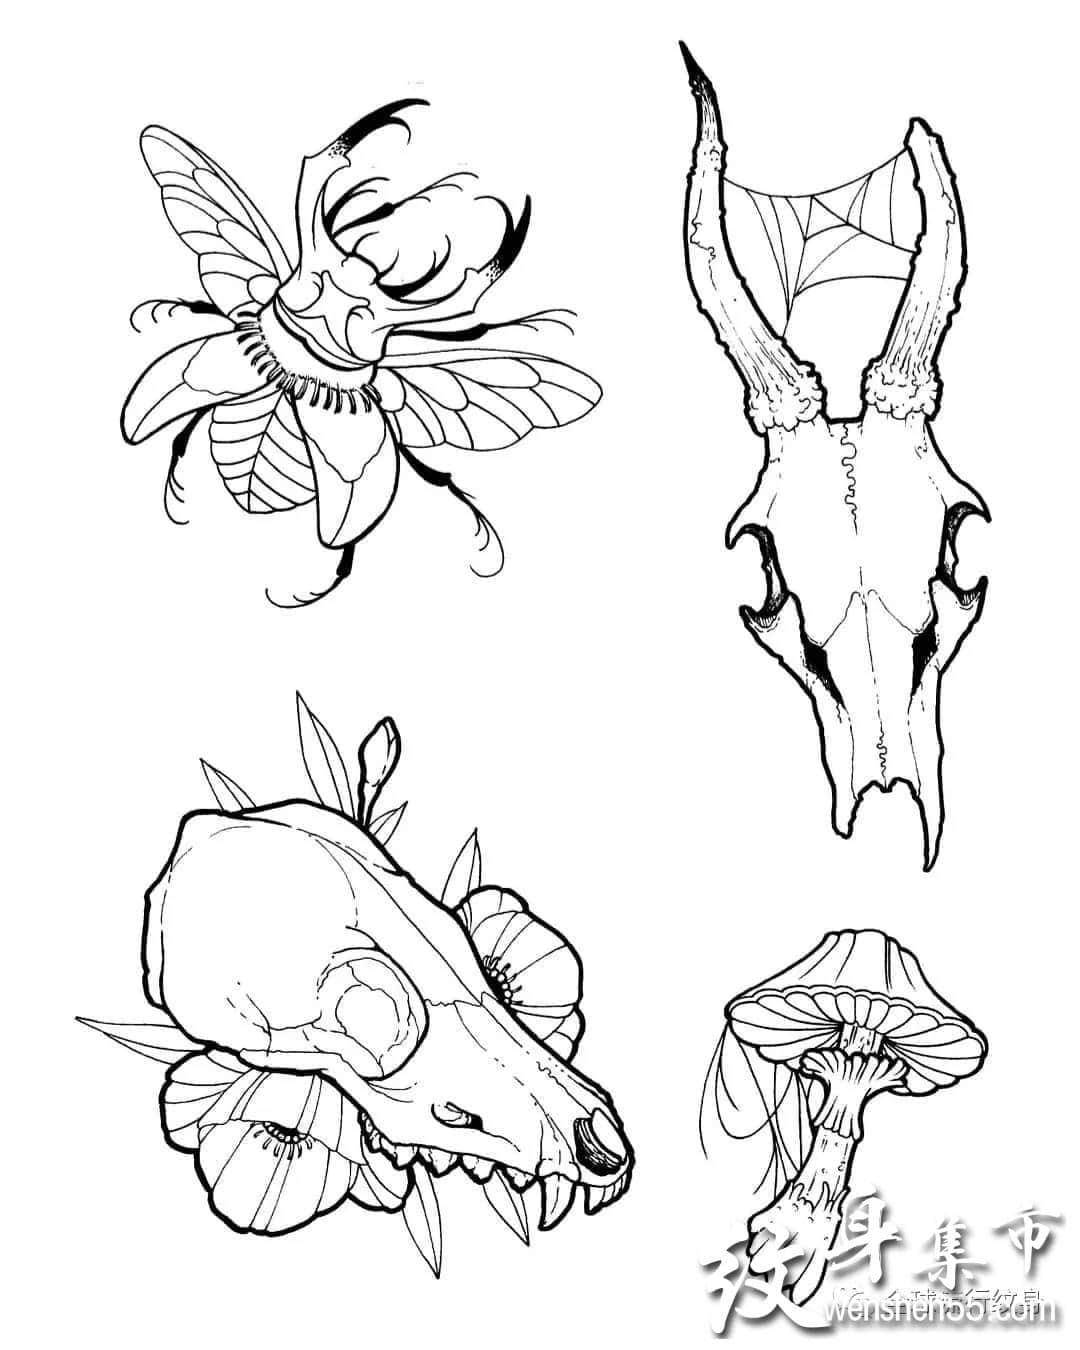 甲虫纹身,甲虫纹身手稿